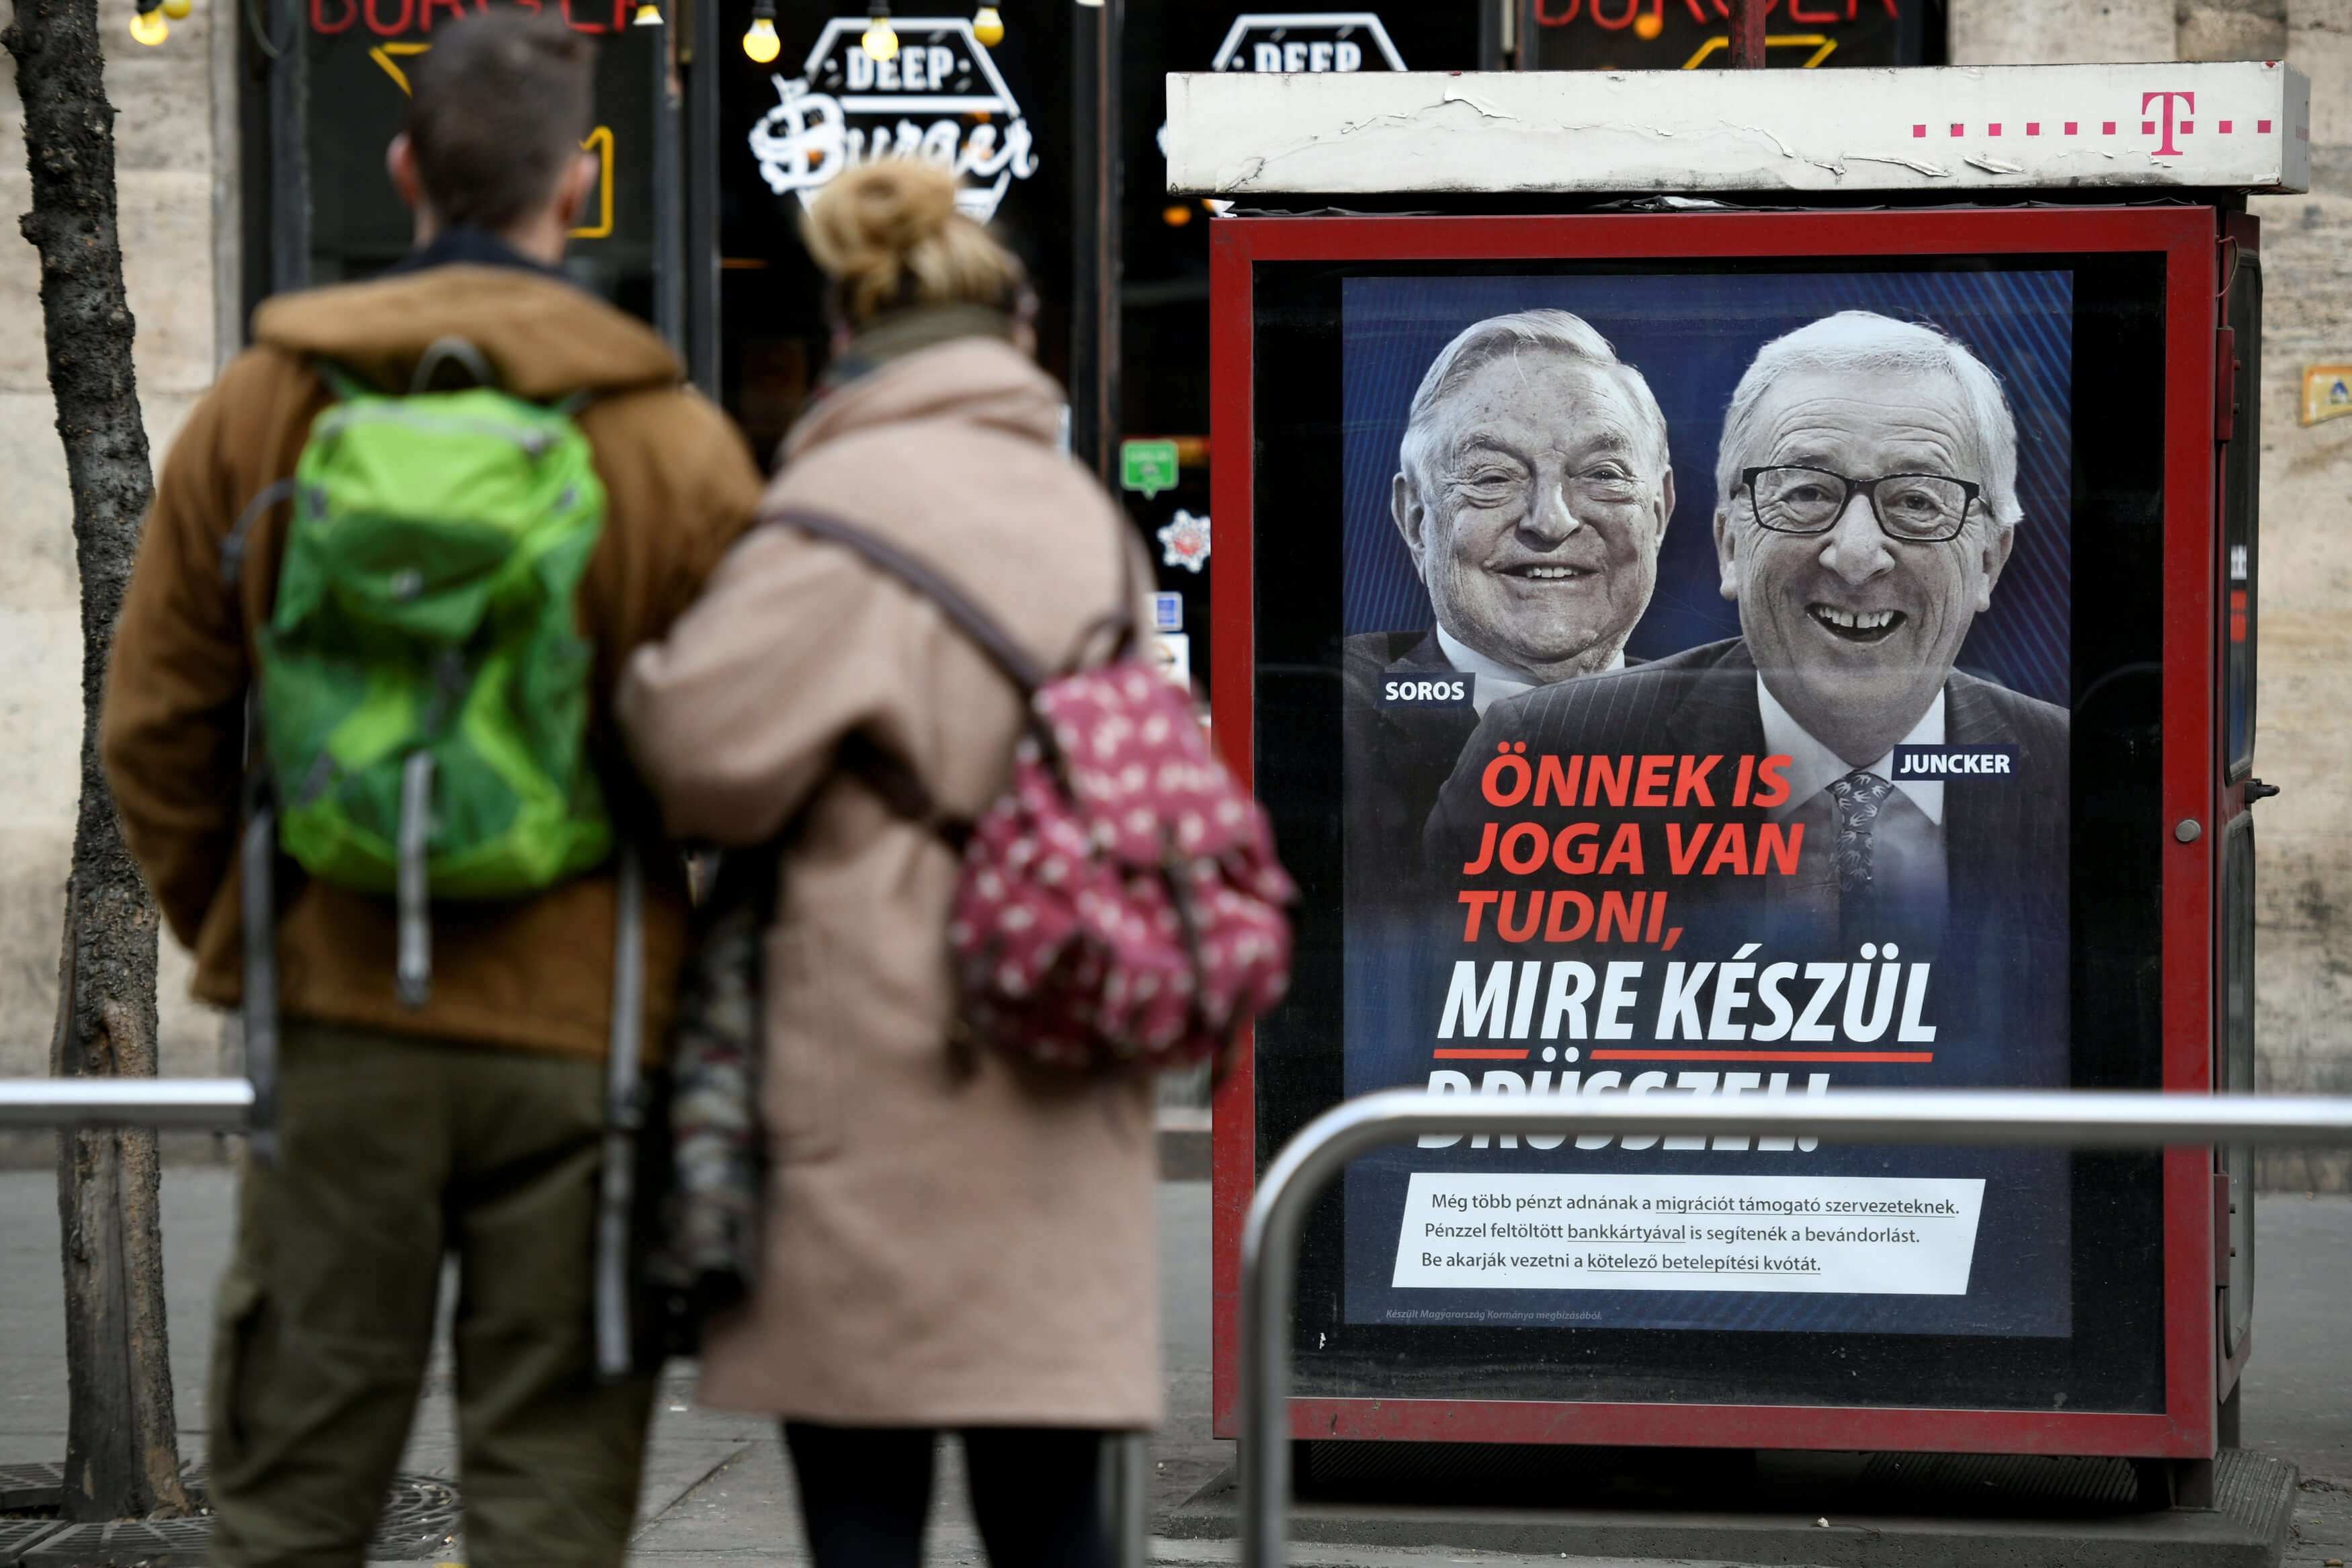 Η Μέρκελ καταδικάζει τις επιθέσεις Όρμπαν σε Γιούνκερ